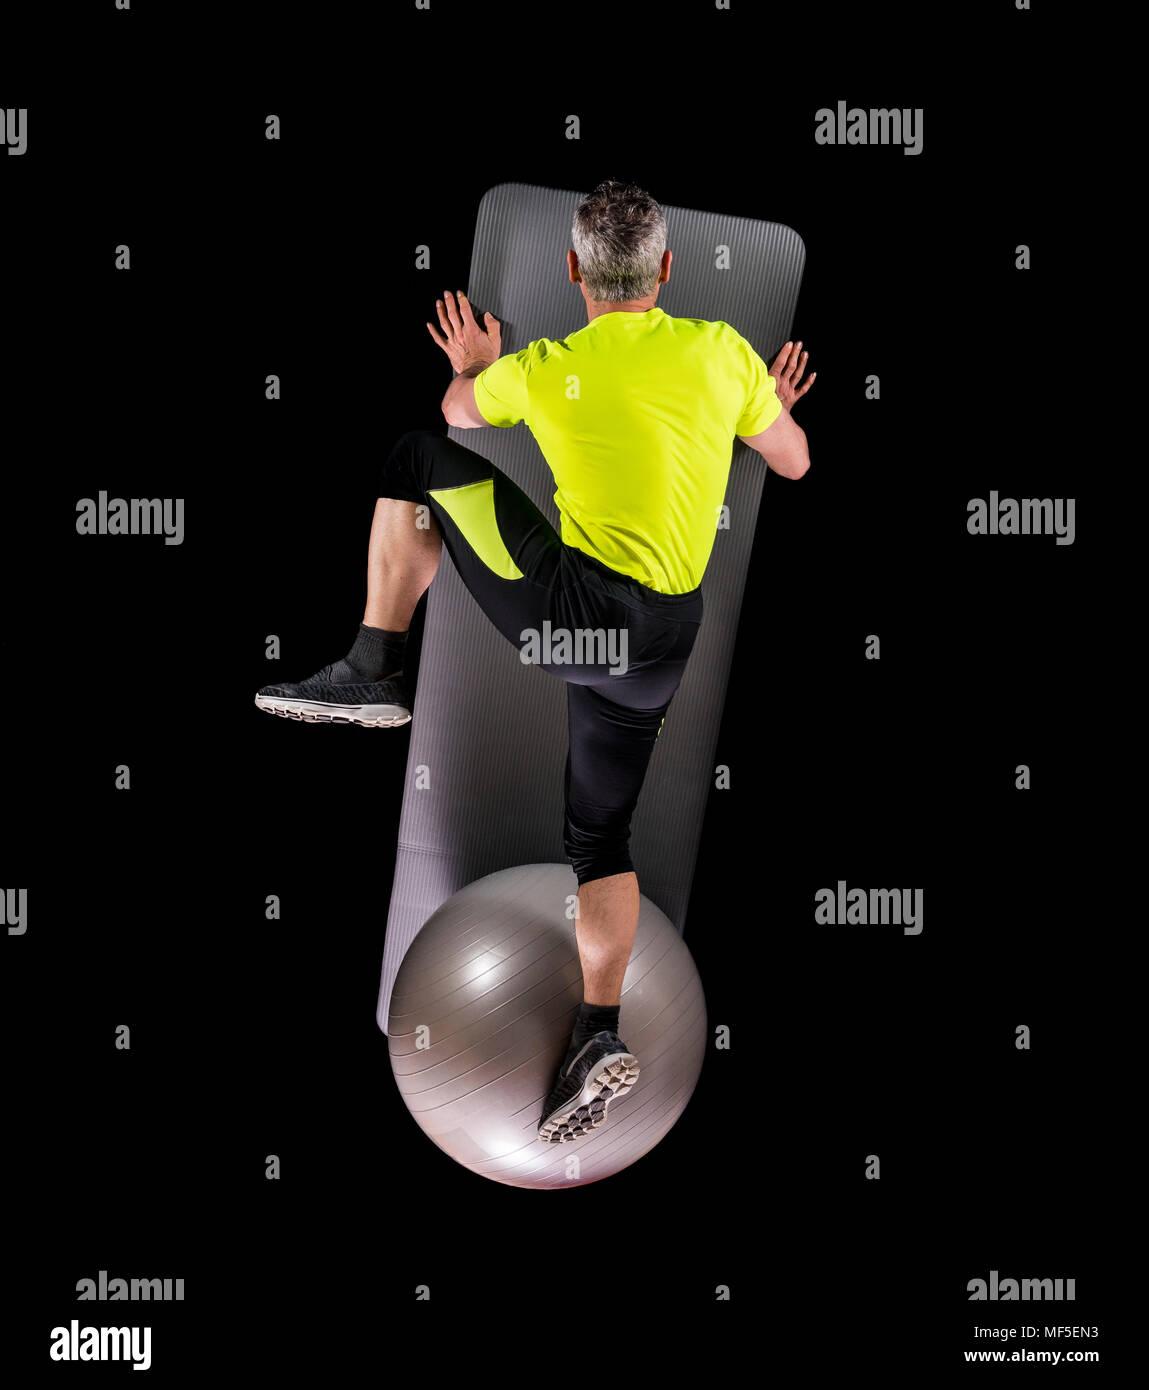 El hombre ejerciendo con bola de gimnasia, vista superior Imagen De Stock